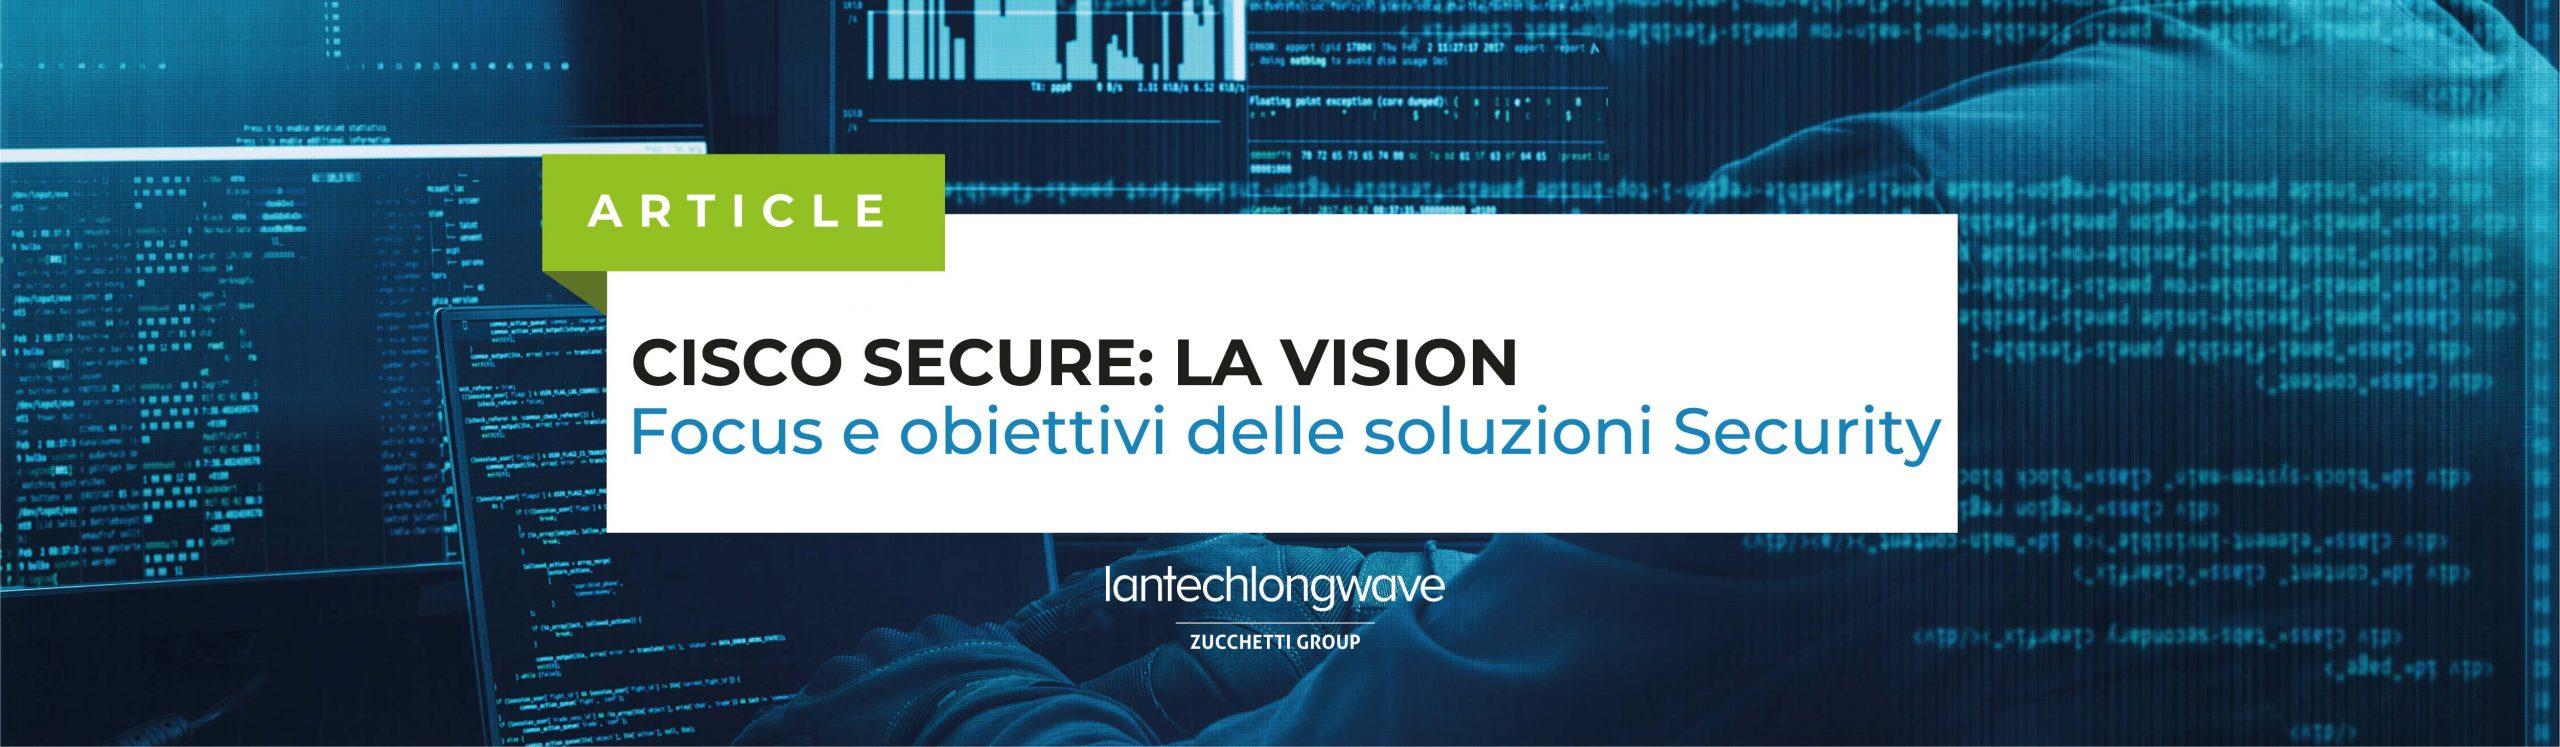 Sandboxing, email security e tanto altro: la vision di Cisco Secure